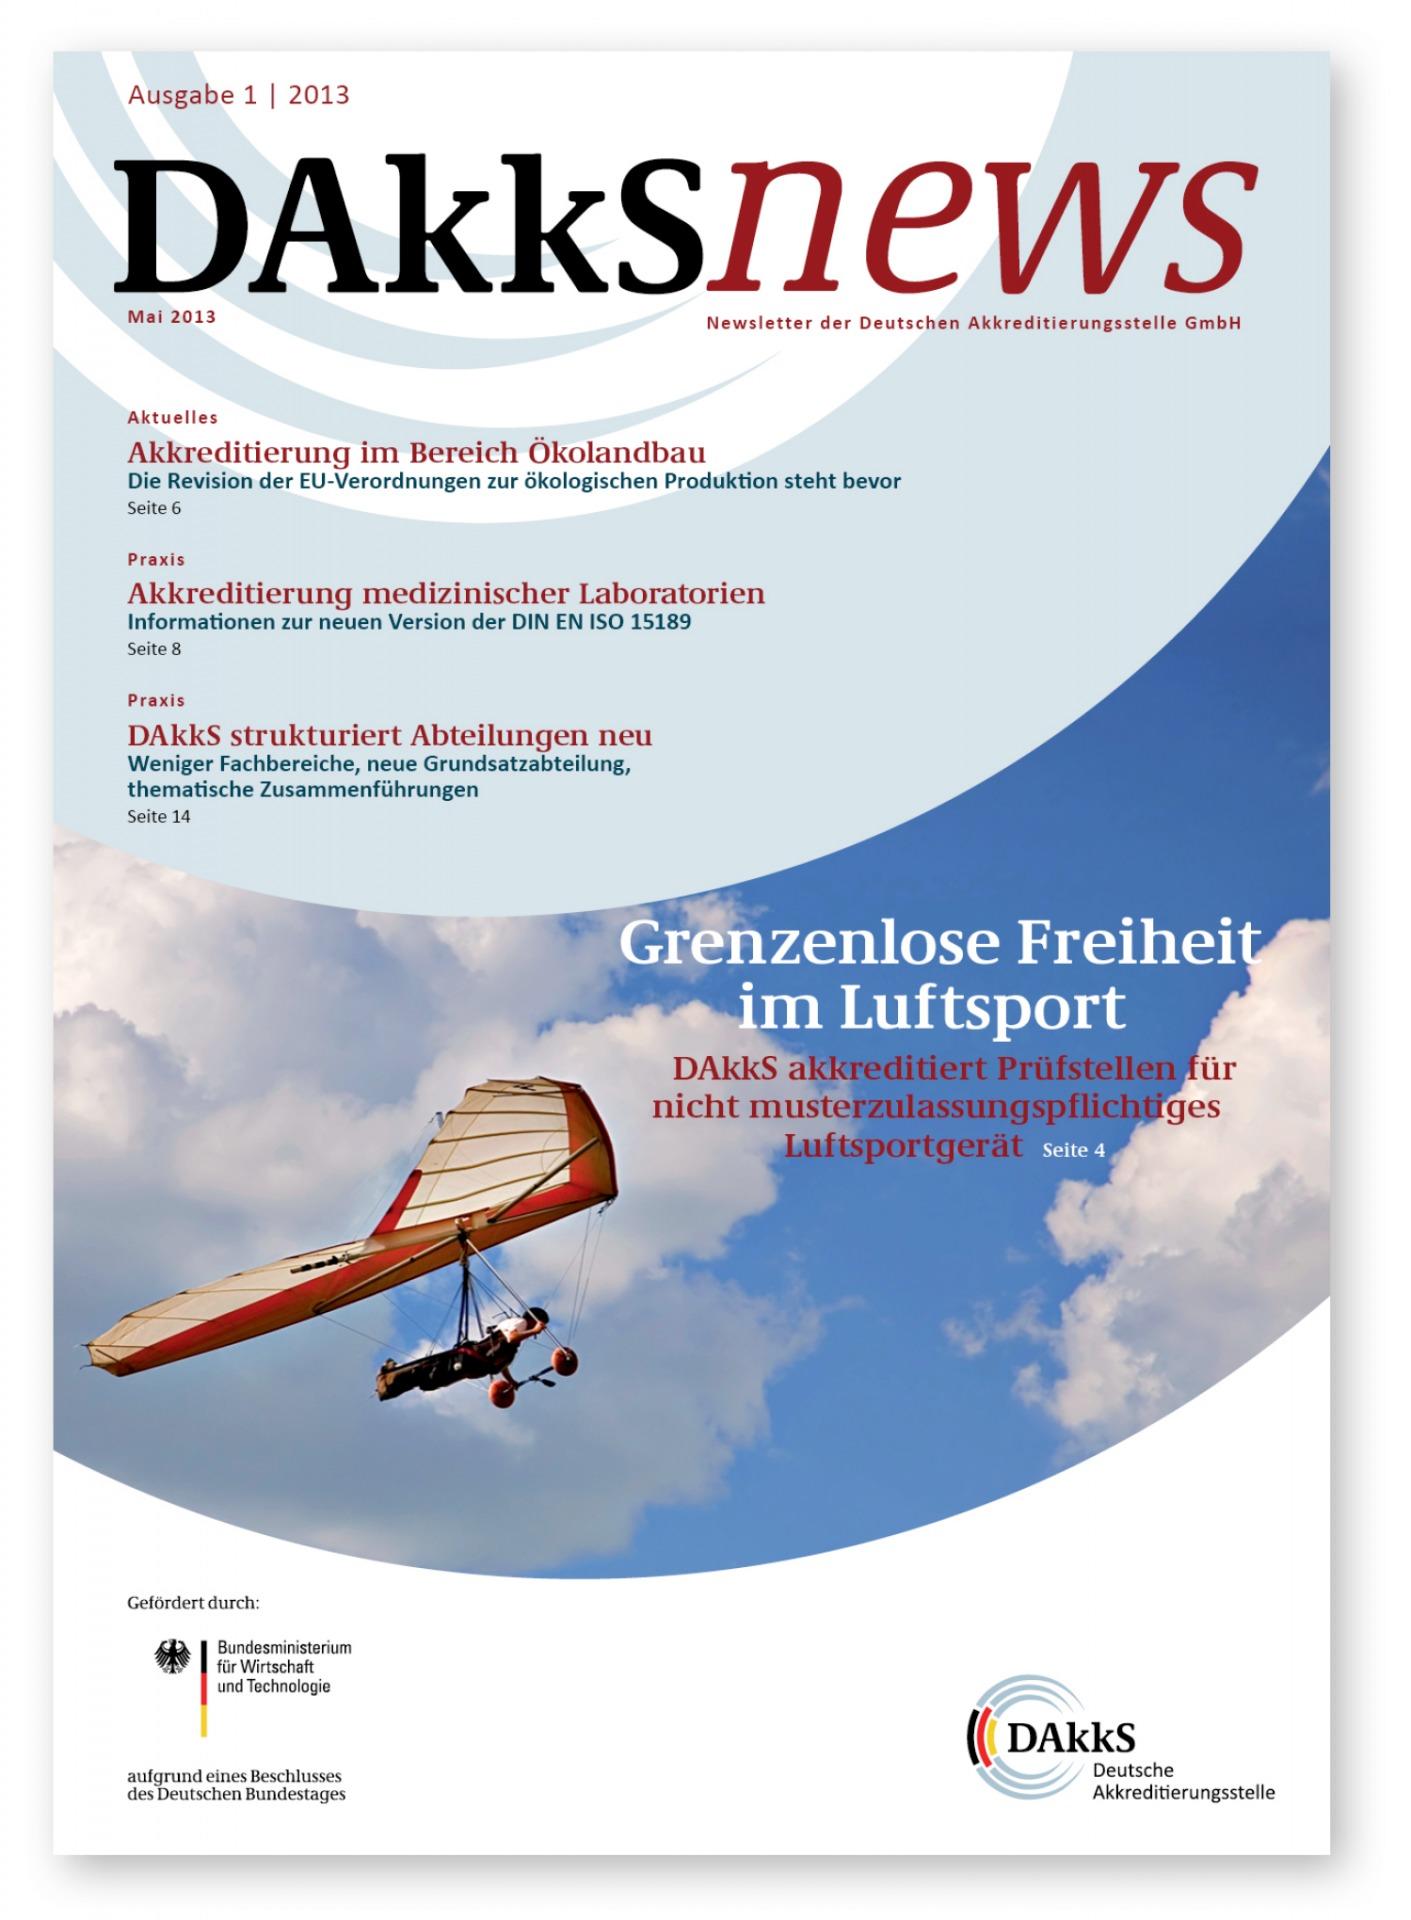 Newslettergestaltung Deutsche Akkreditierungsstelle - Typoly